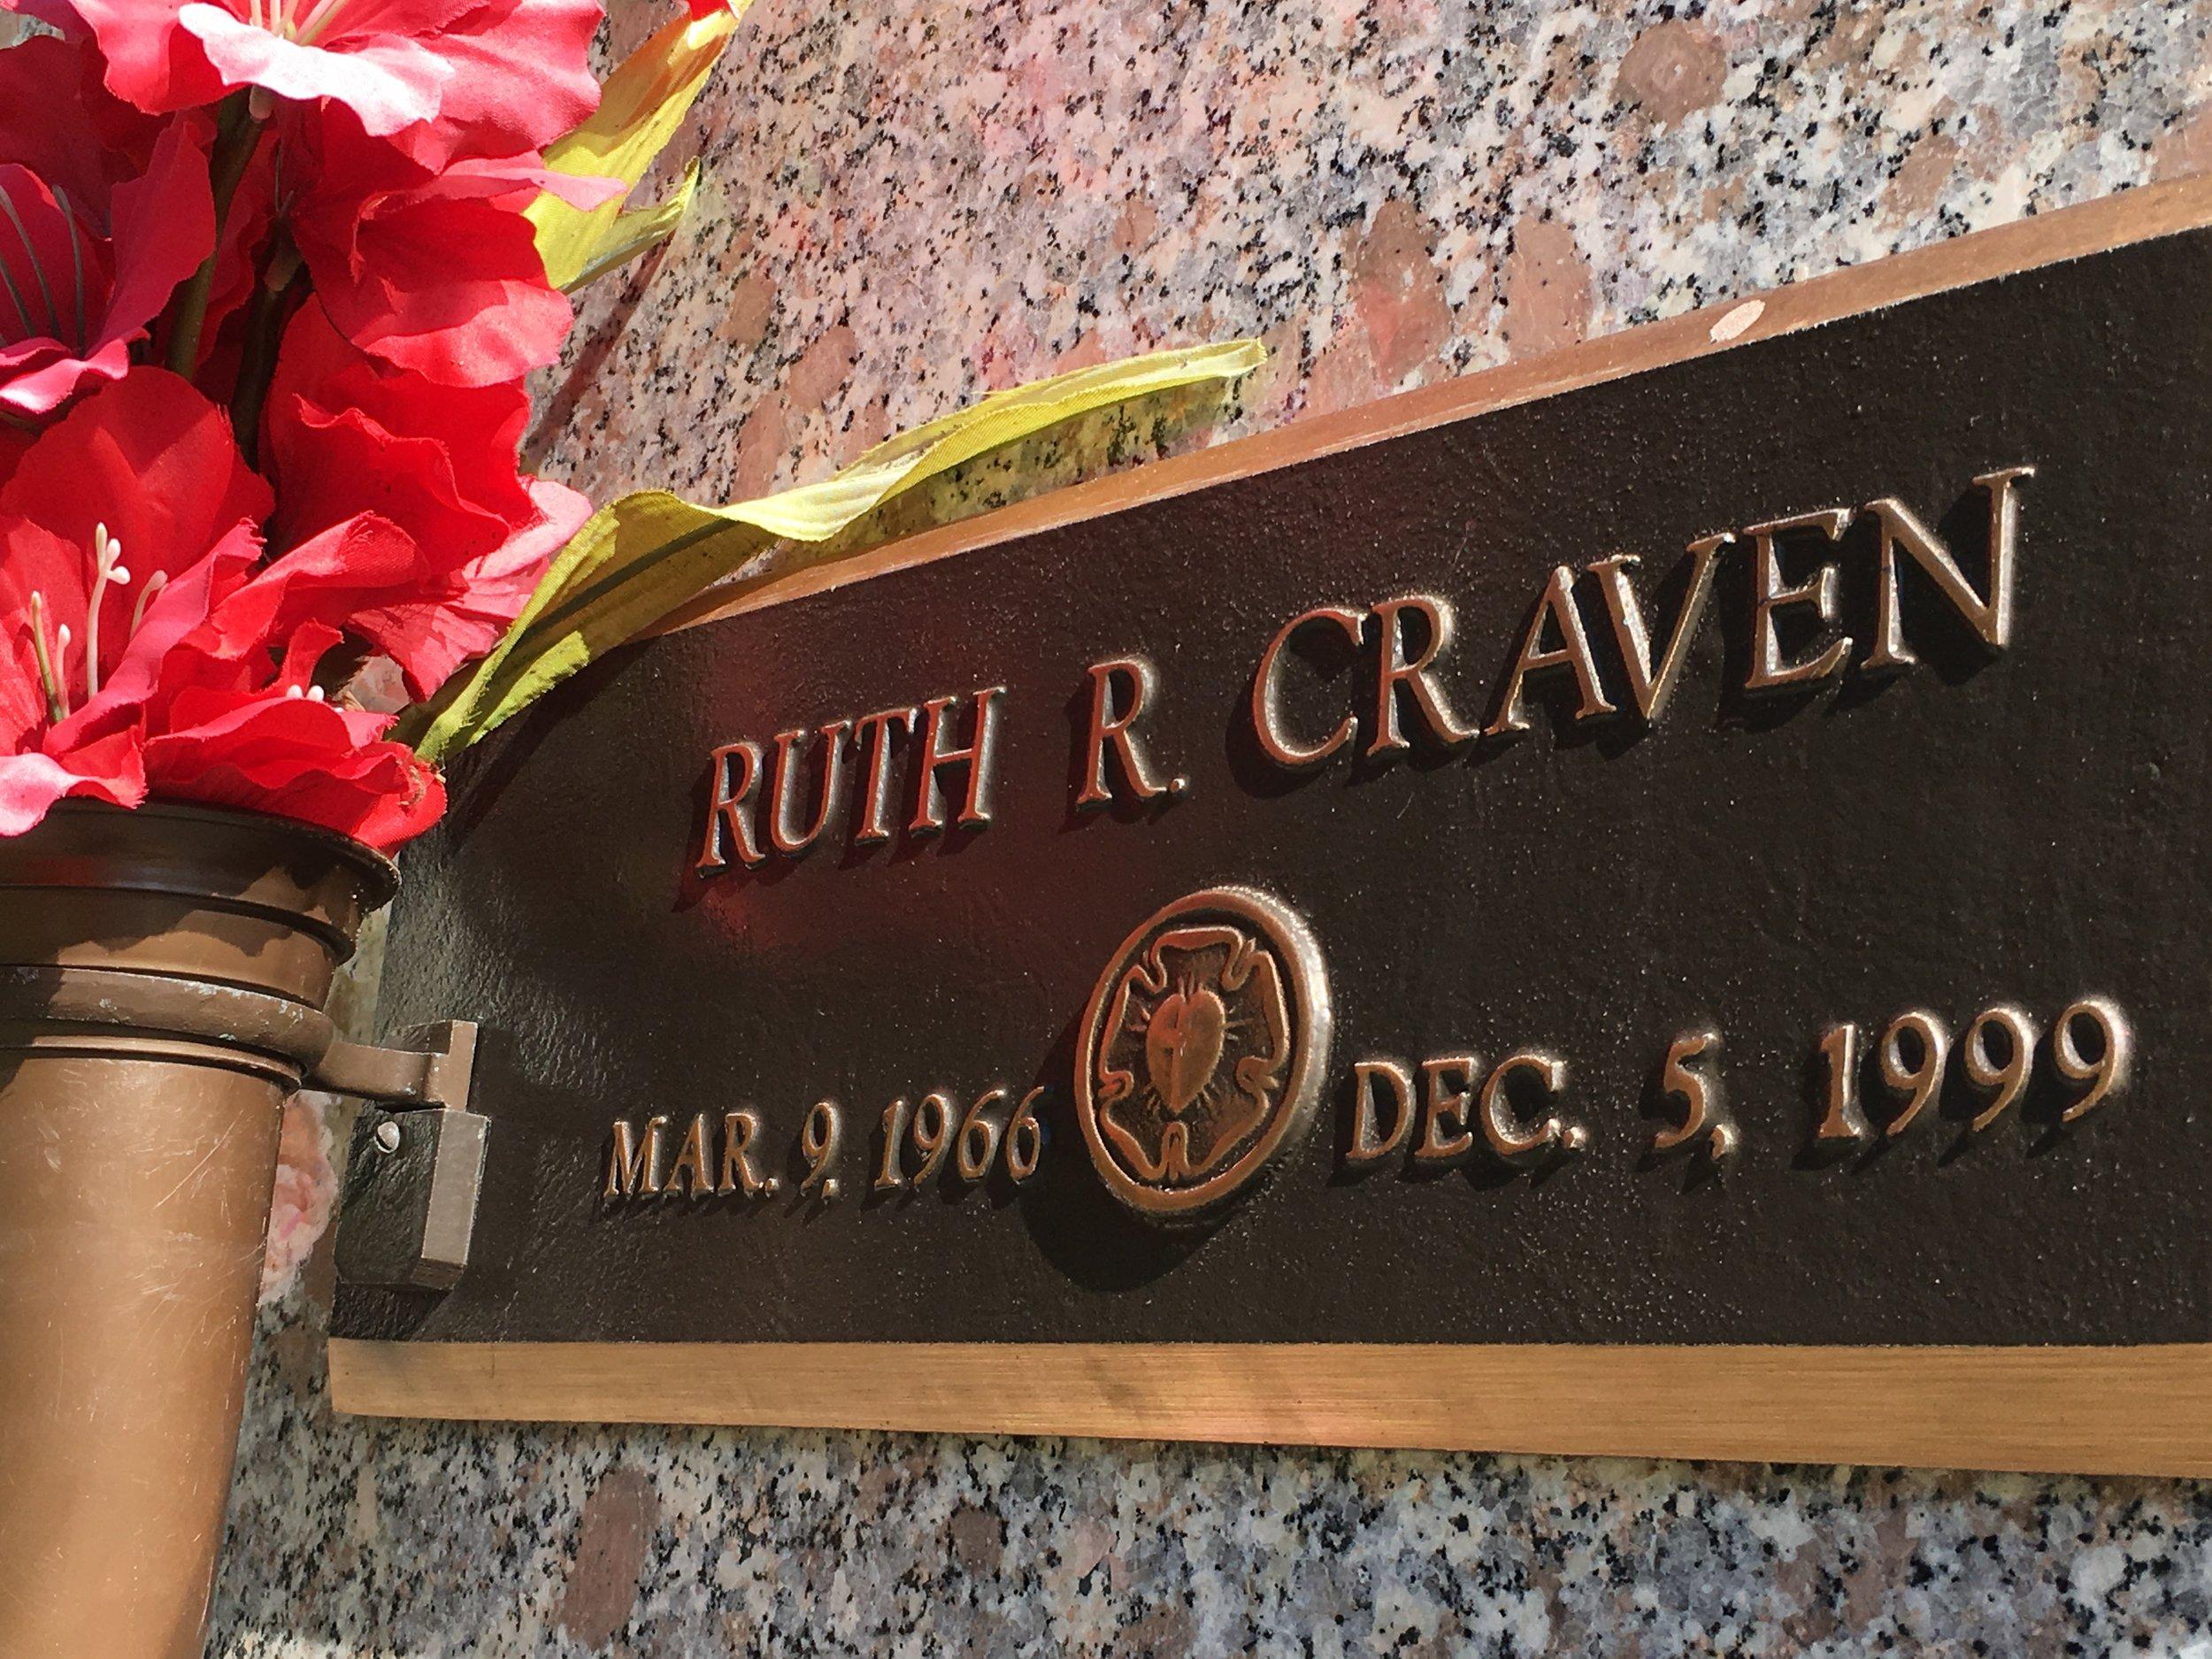 Ruth Rhoden Craven's tomb in Mount Pleasant, S.C.